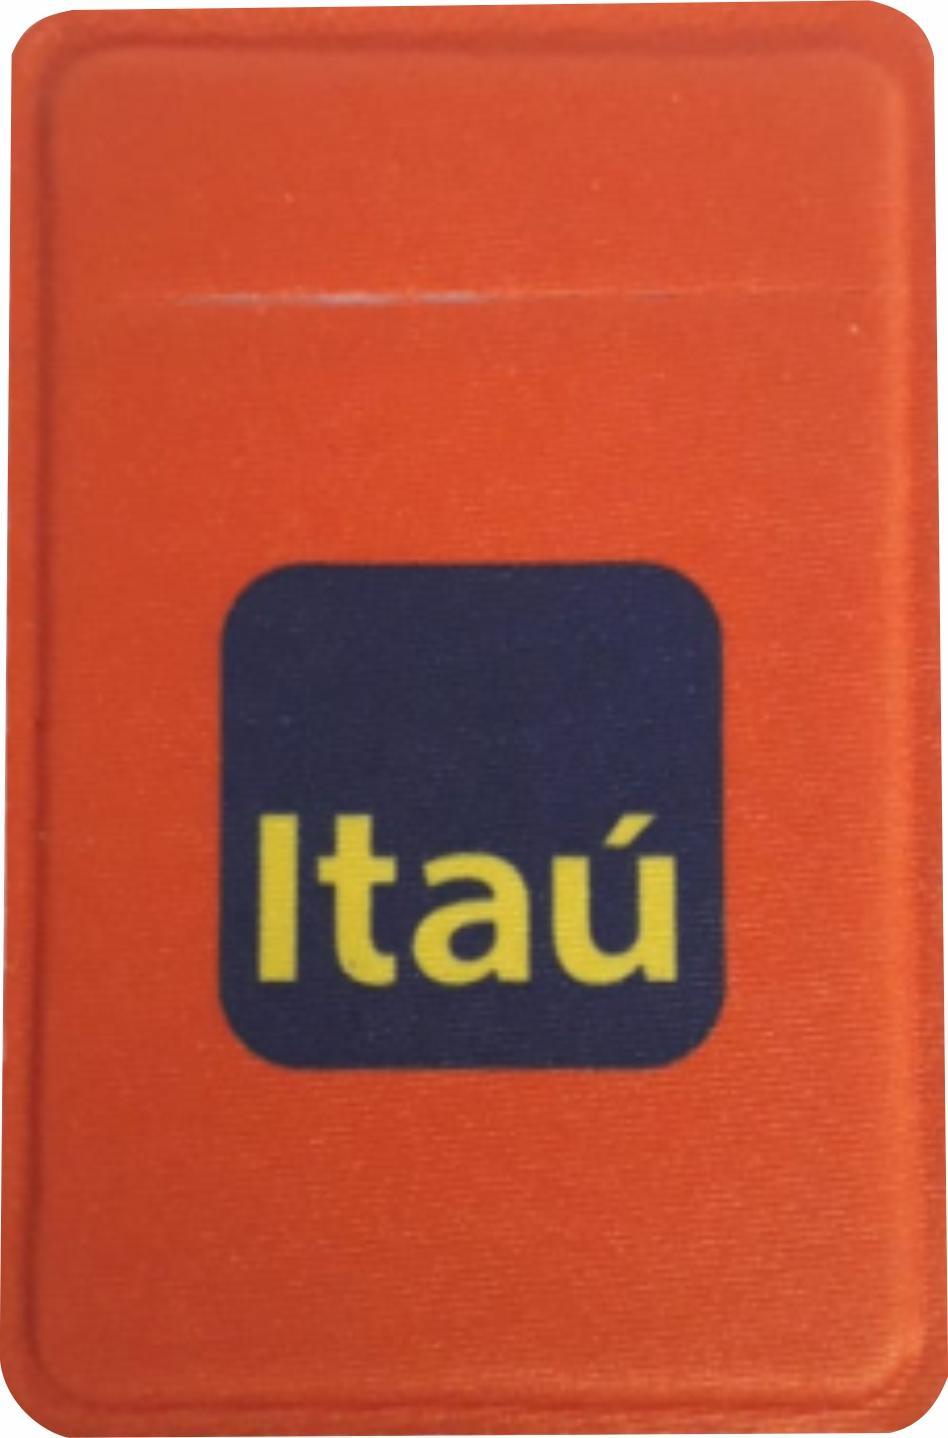 Porta Cartão Para Celular Em Lycra Estilo Nubank Personalizado com Adesivo  - 10